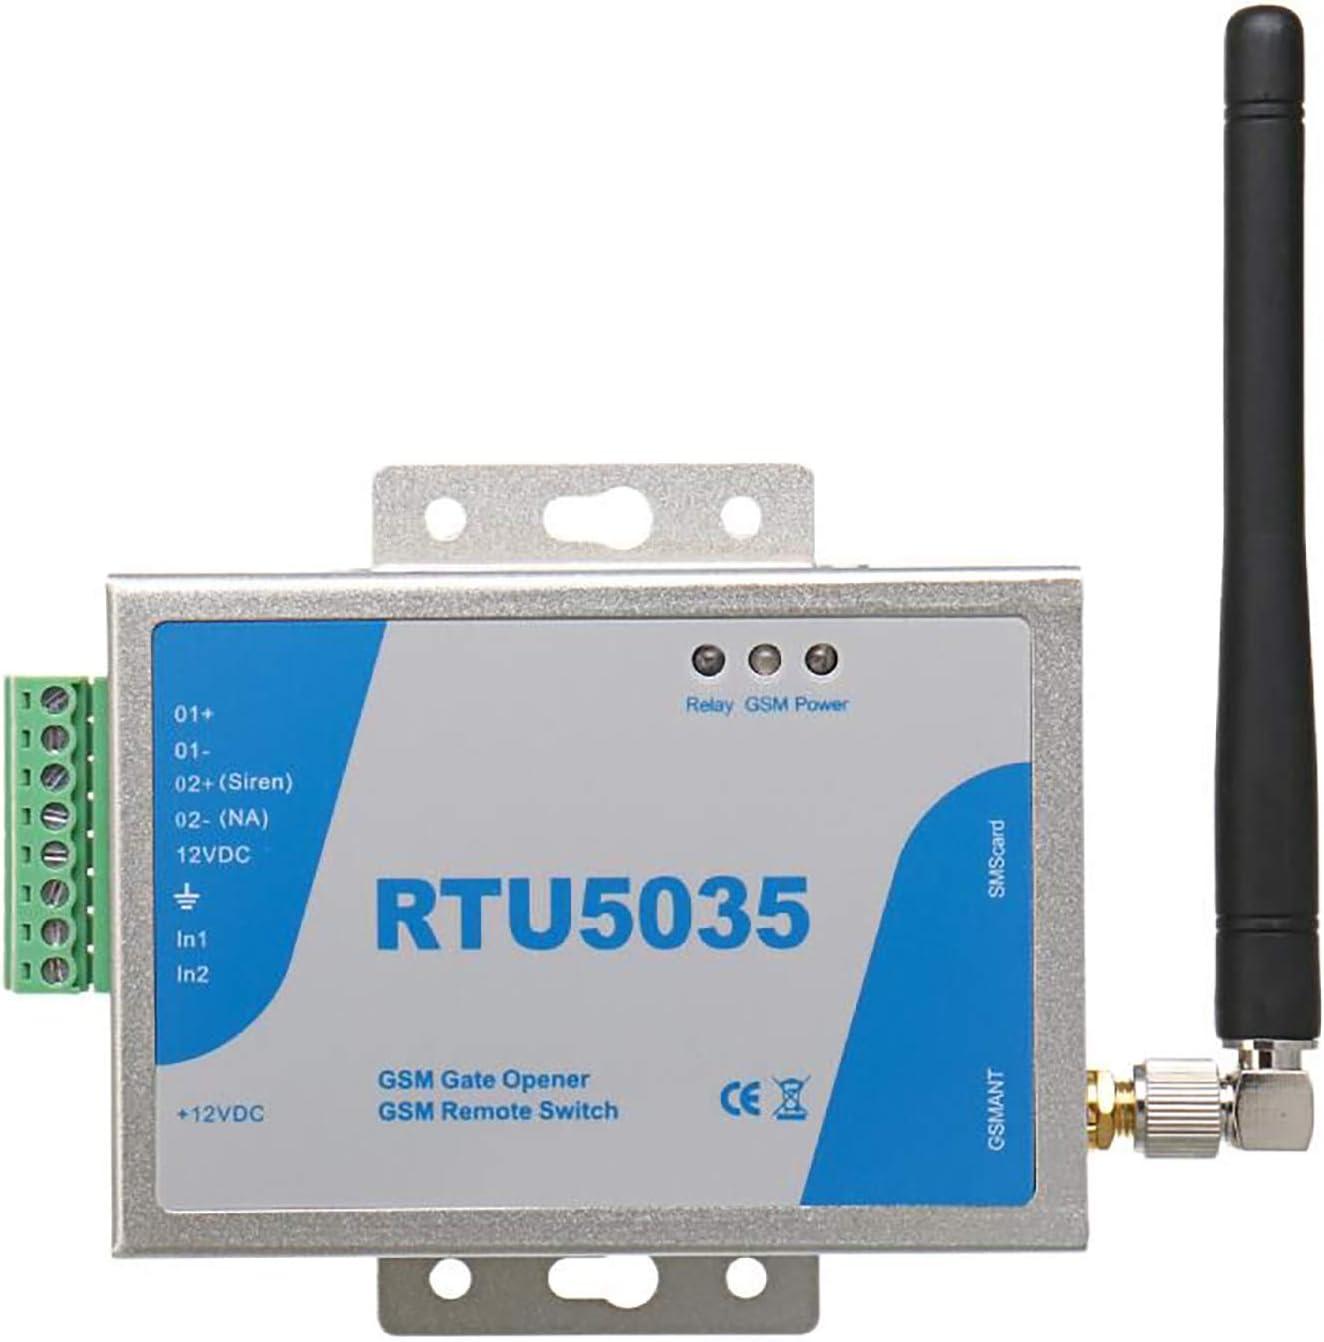 Interruttore remoto gsm apriporta con Controllo quadrante GSM RTU5035 Cancello di gsm,gsm apriporta Garage,con Chiamata Gratuita o SMS di Comando